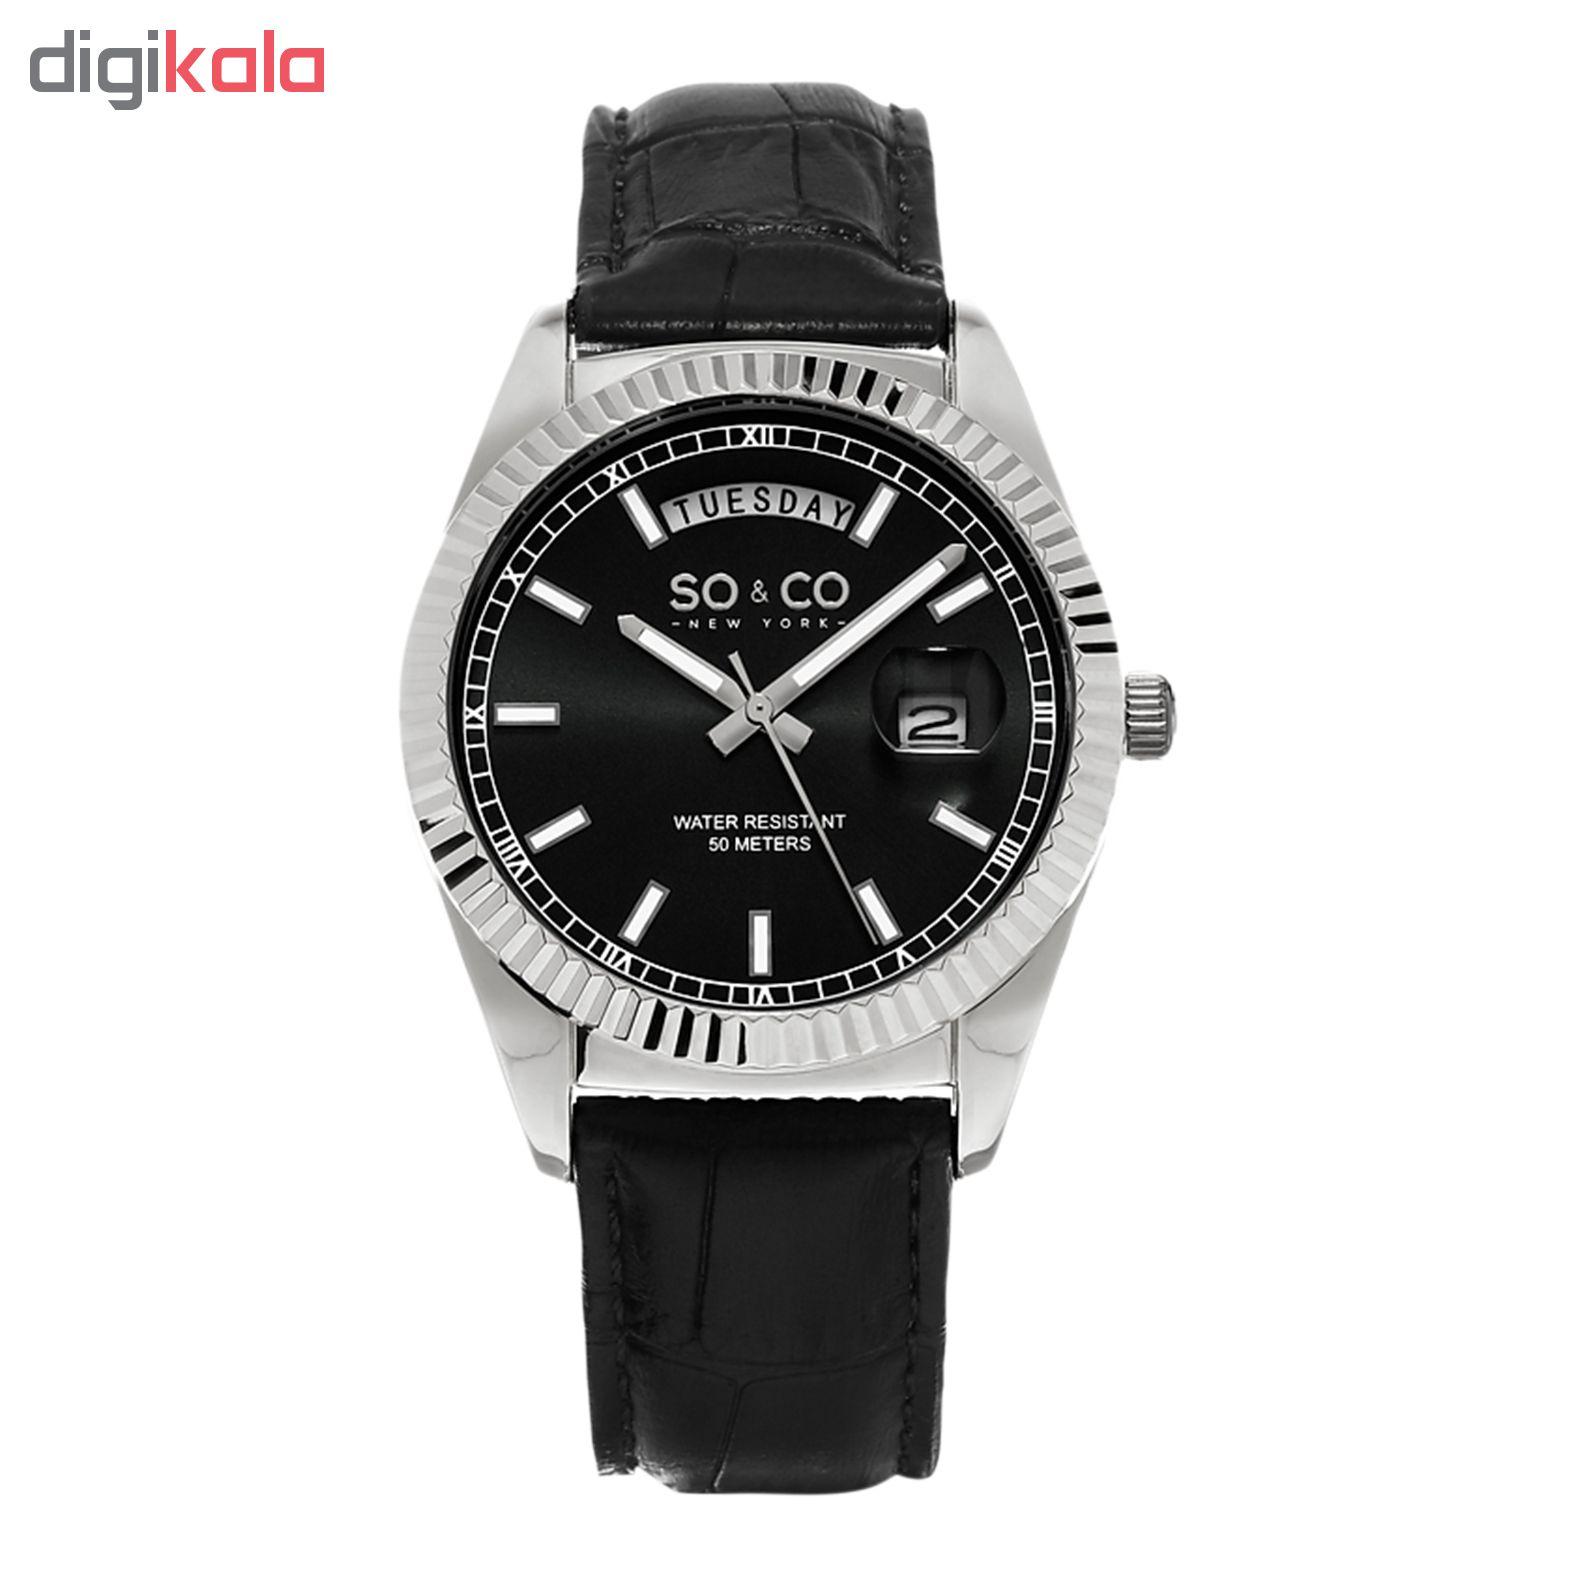 خرید ساعت مچی عقربه ای مردانه سو اند کو مدل 5041.1